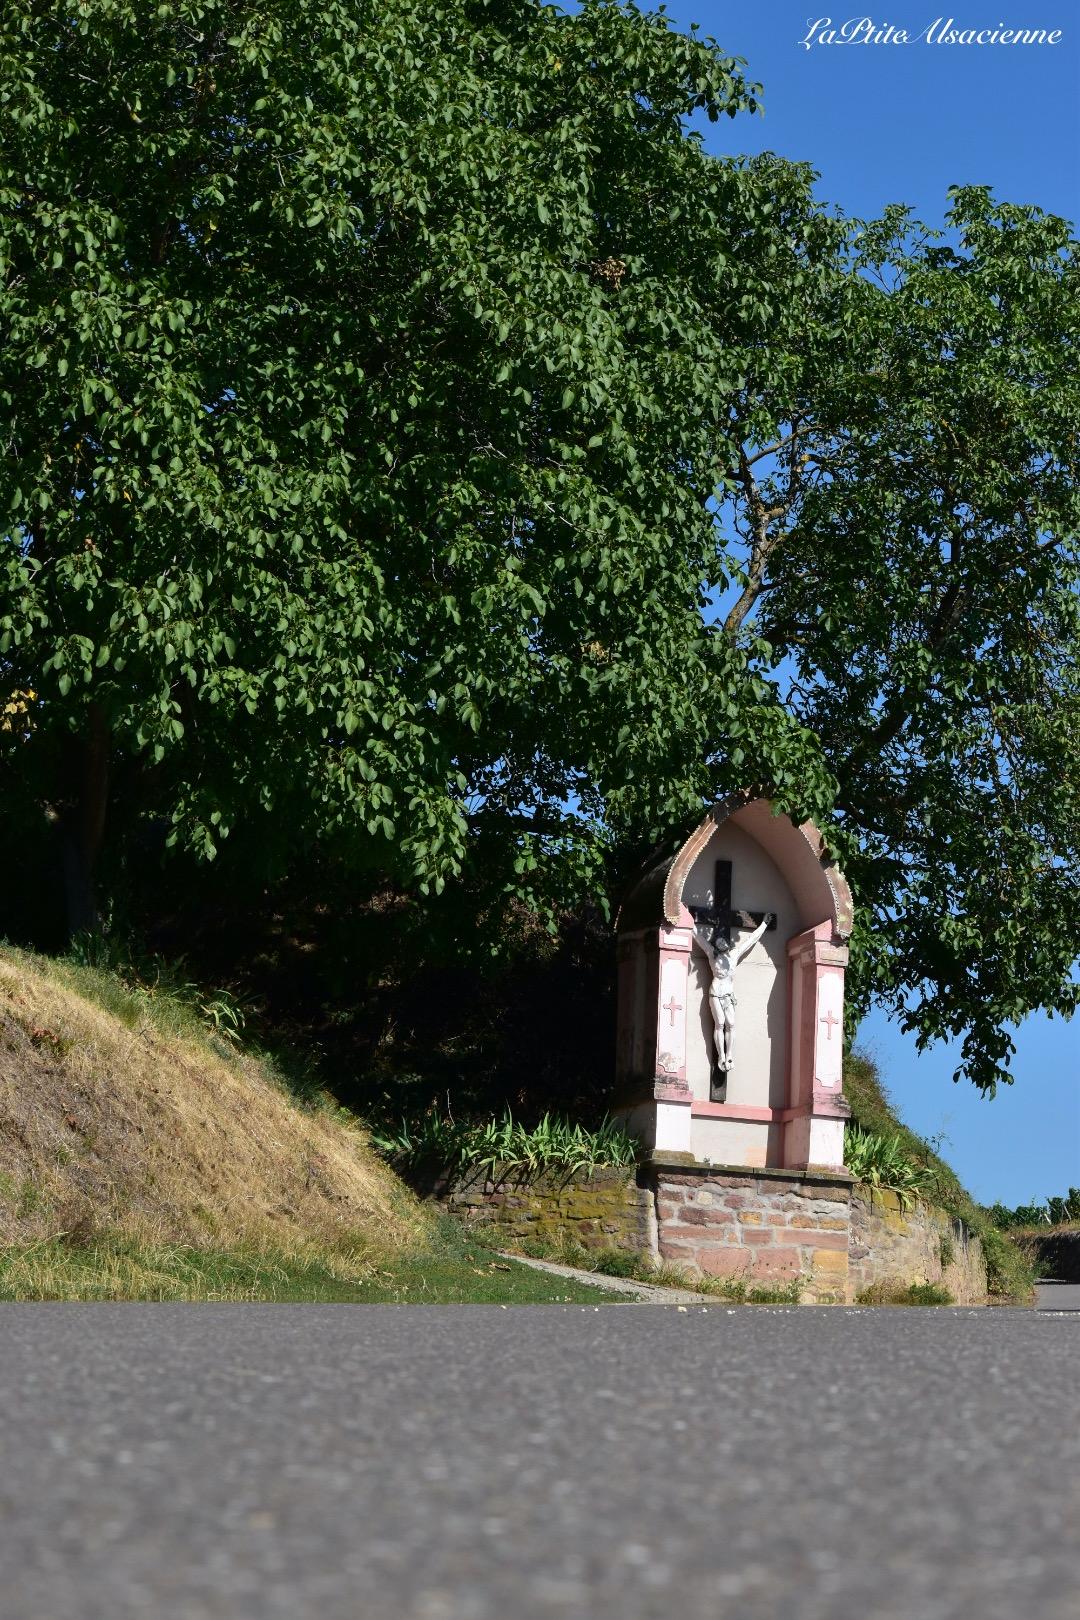 Route de vignoble en direction du Schauenberg par Pfaffenheim - Photo de Cendrine Miesch dite LaPtiteAlsacienne